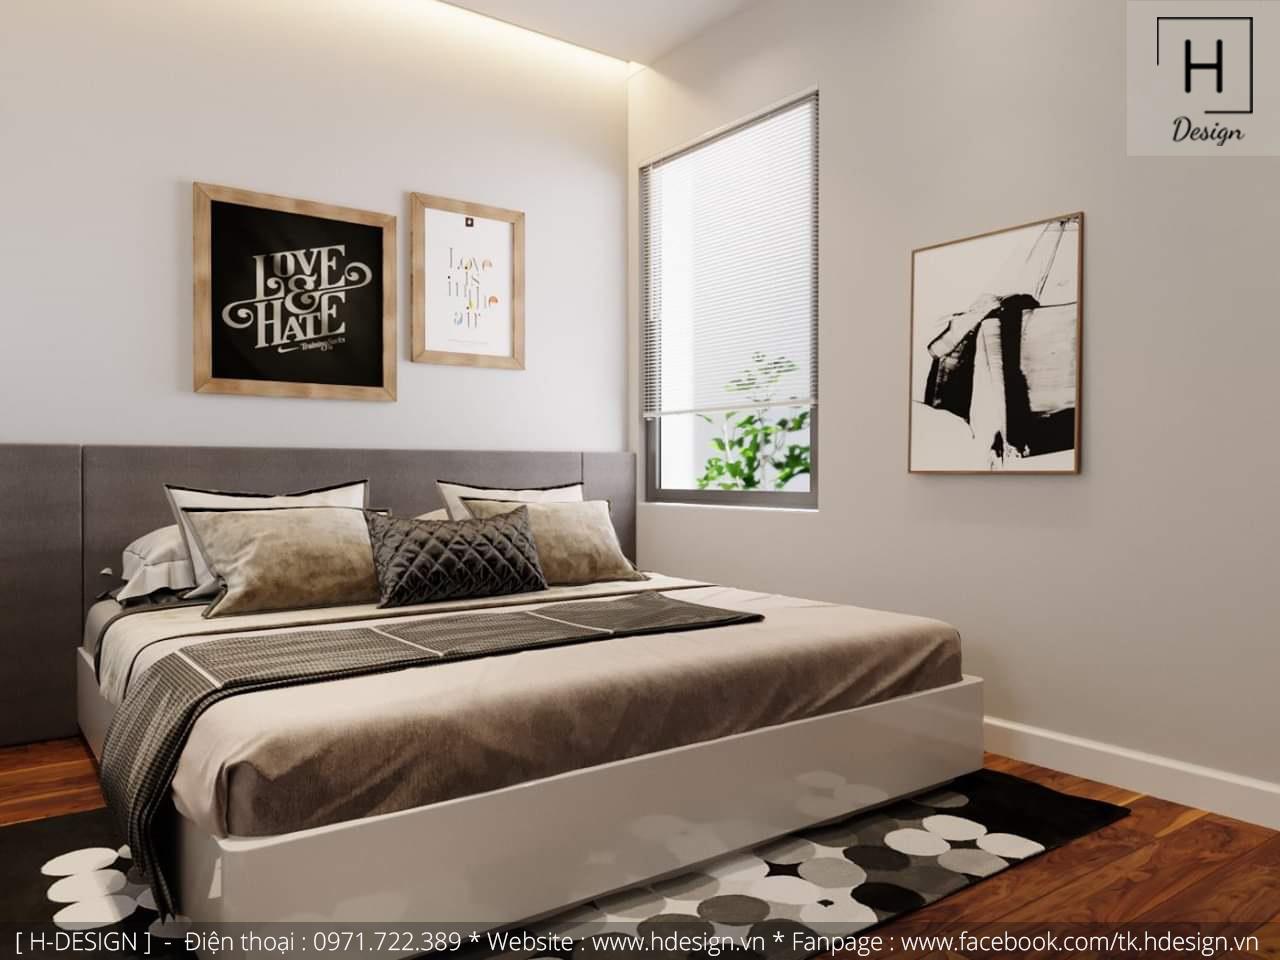 Thiết kế thi công nội thất phòng ngủ căn hộ chung cư 2 phòng ngủ đẹp tại Hà Nội 3